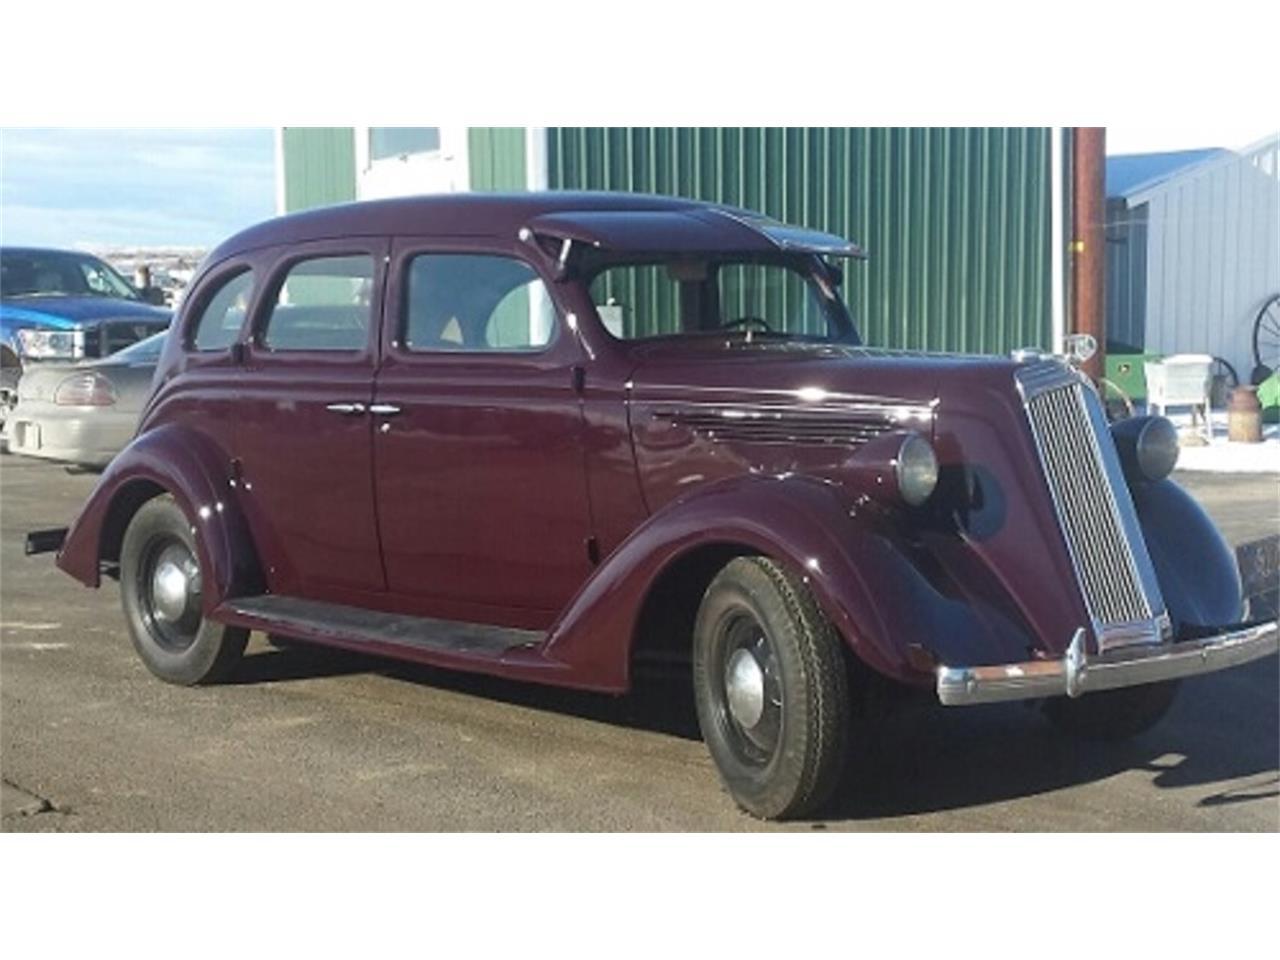 Nash Lafayette For Sale ClassicCarscom CC - Antique car show lafayette la